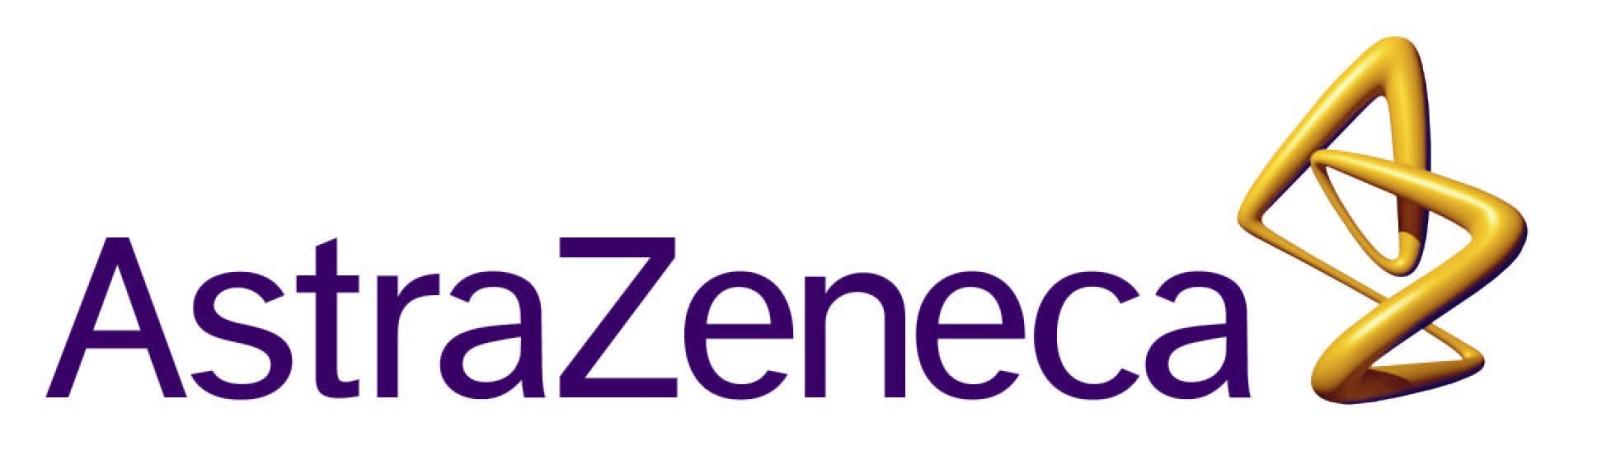 AstraZeneca Acquires Definiens